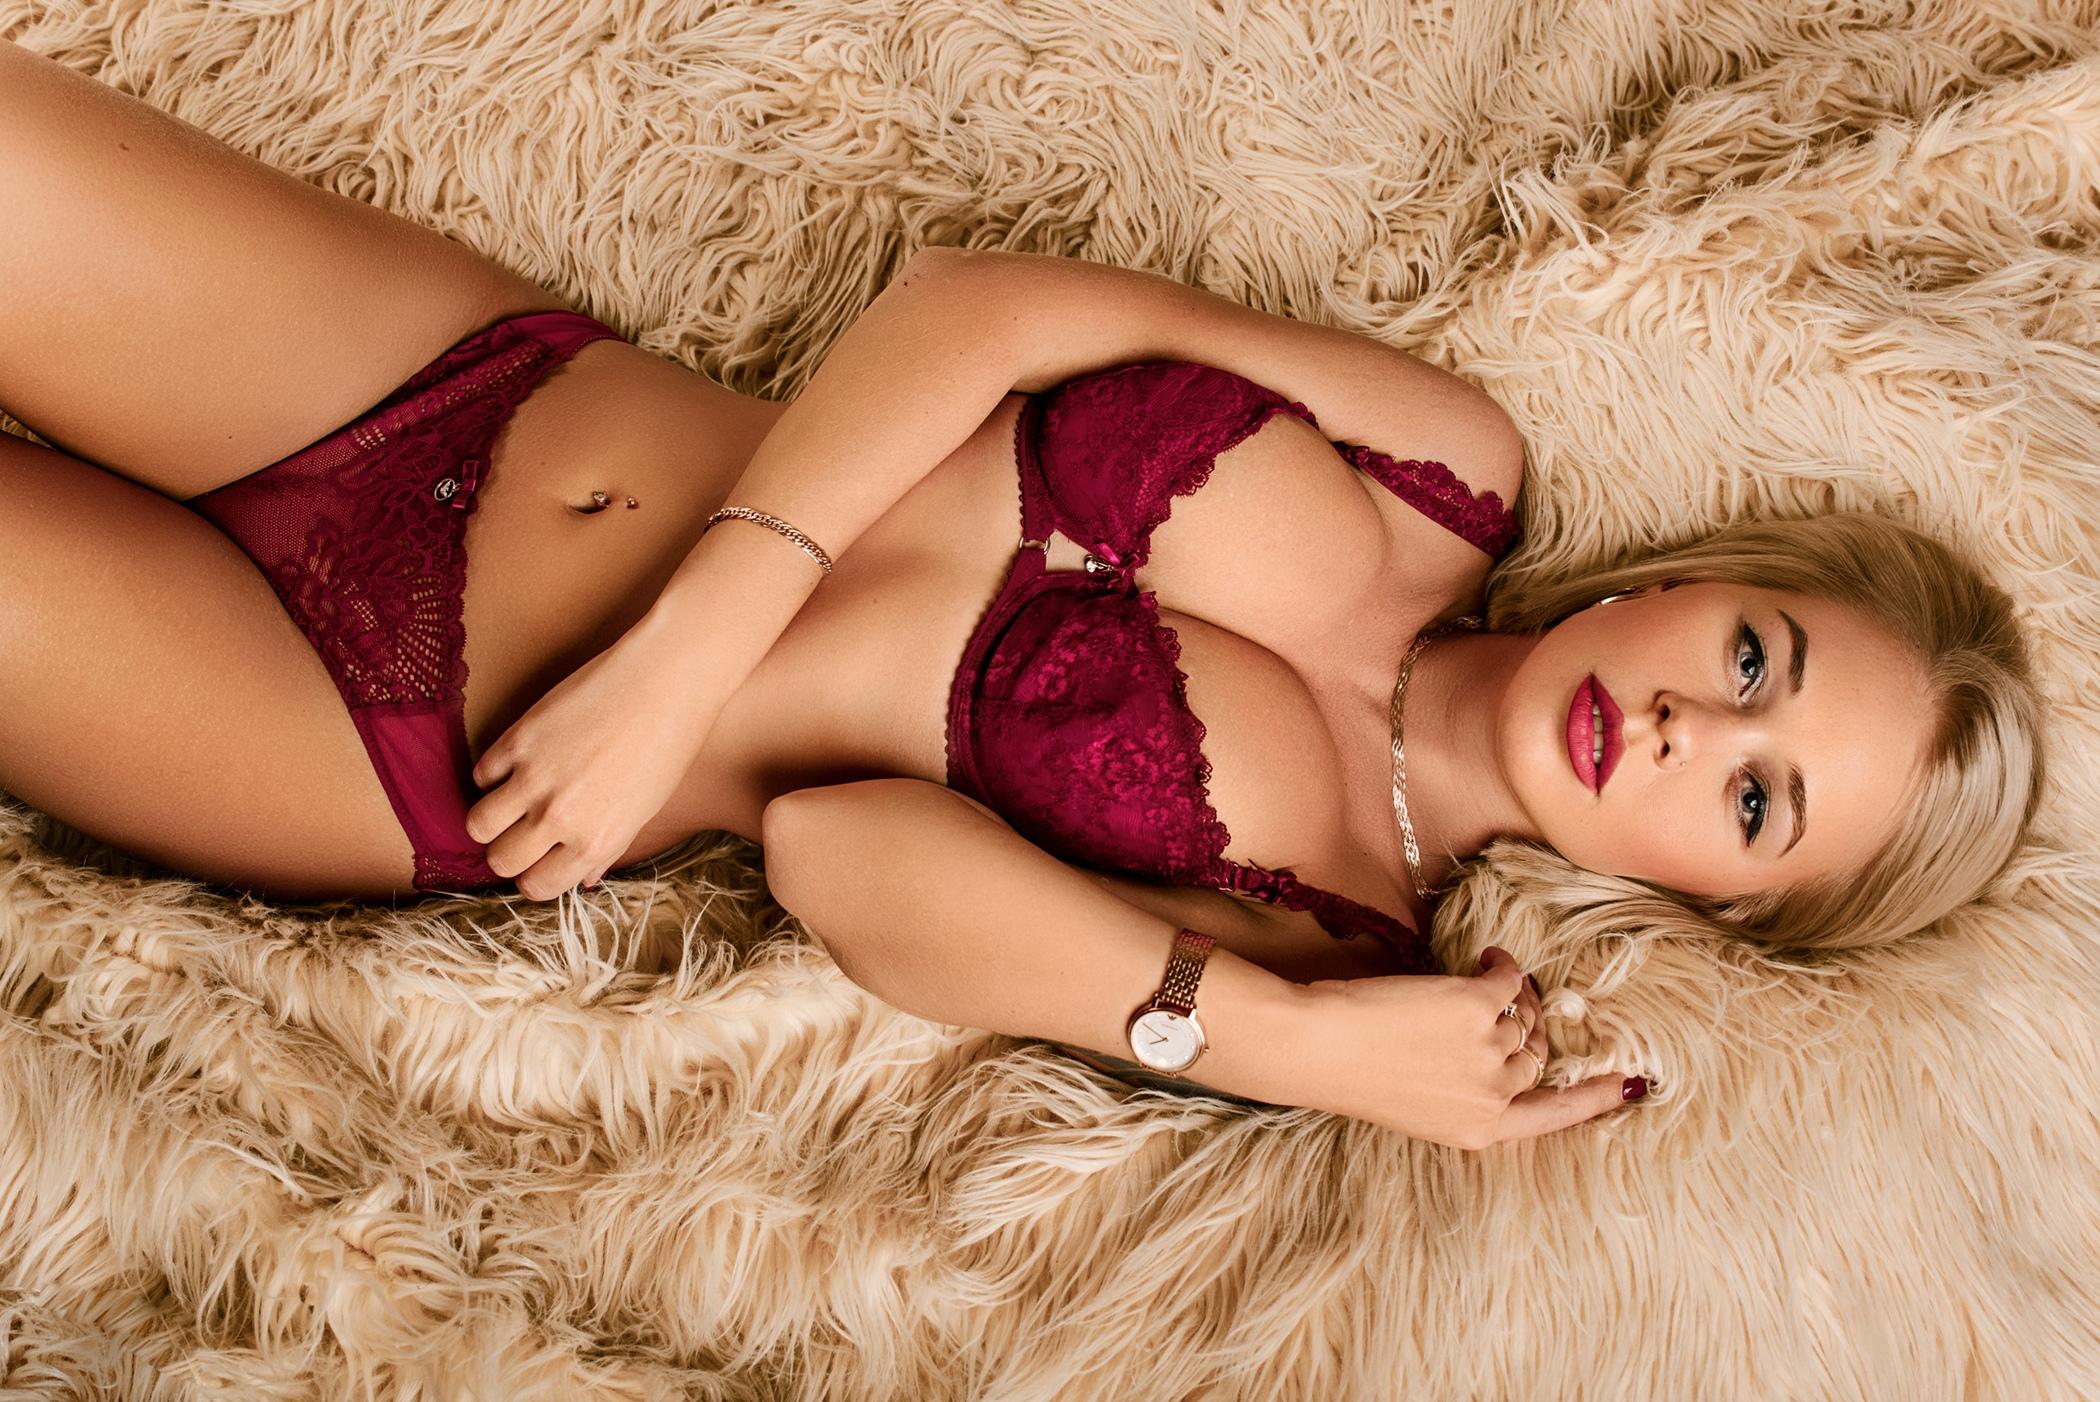 ѕроститутки модели тюмень фистинг проституток